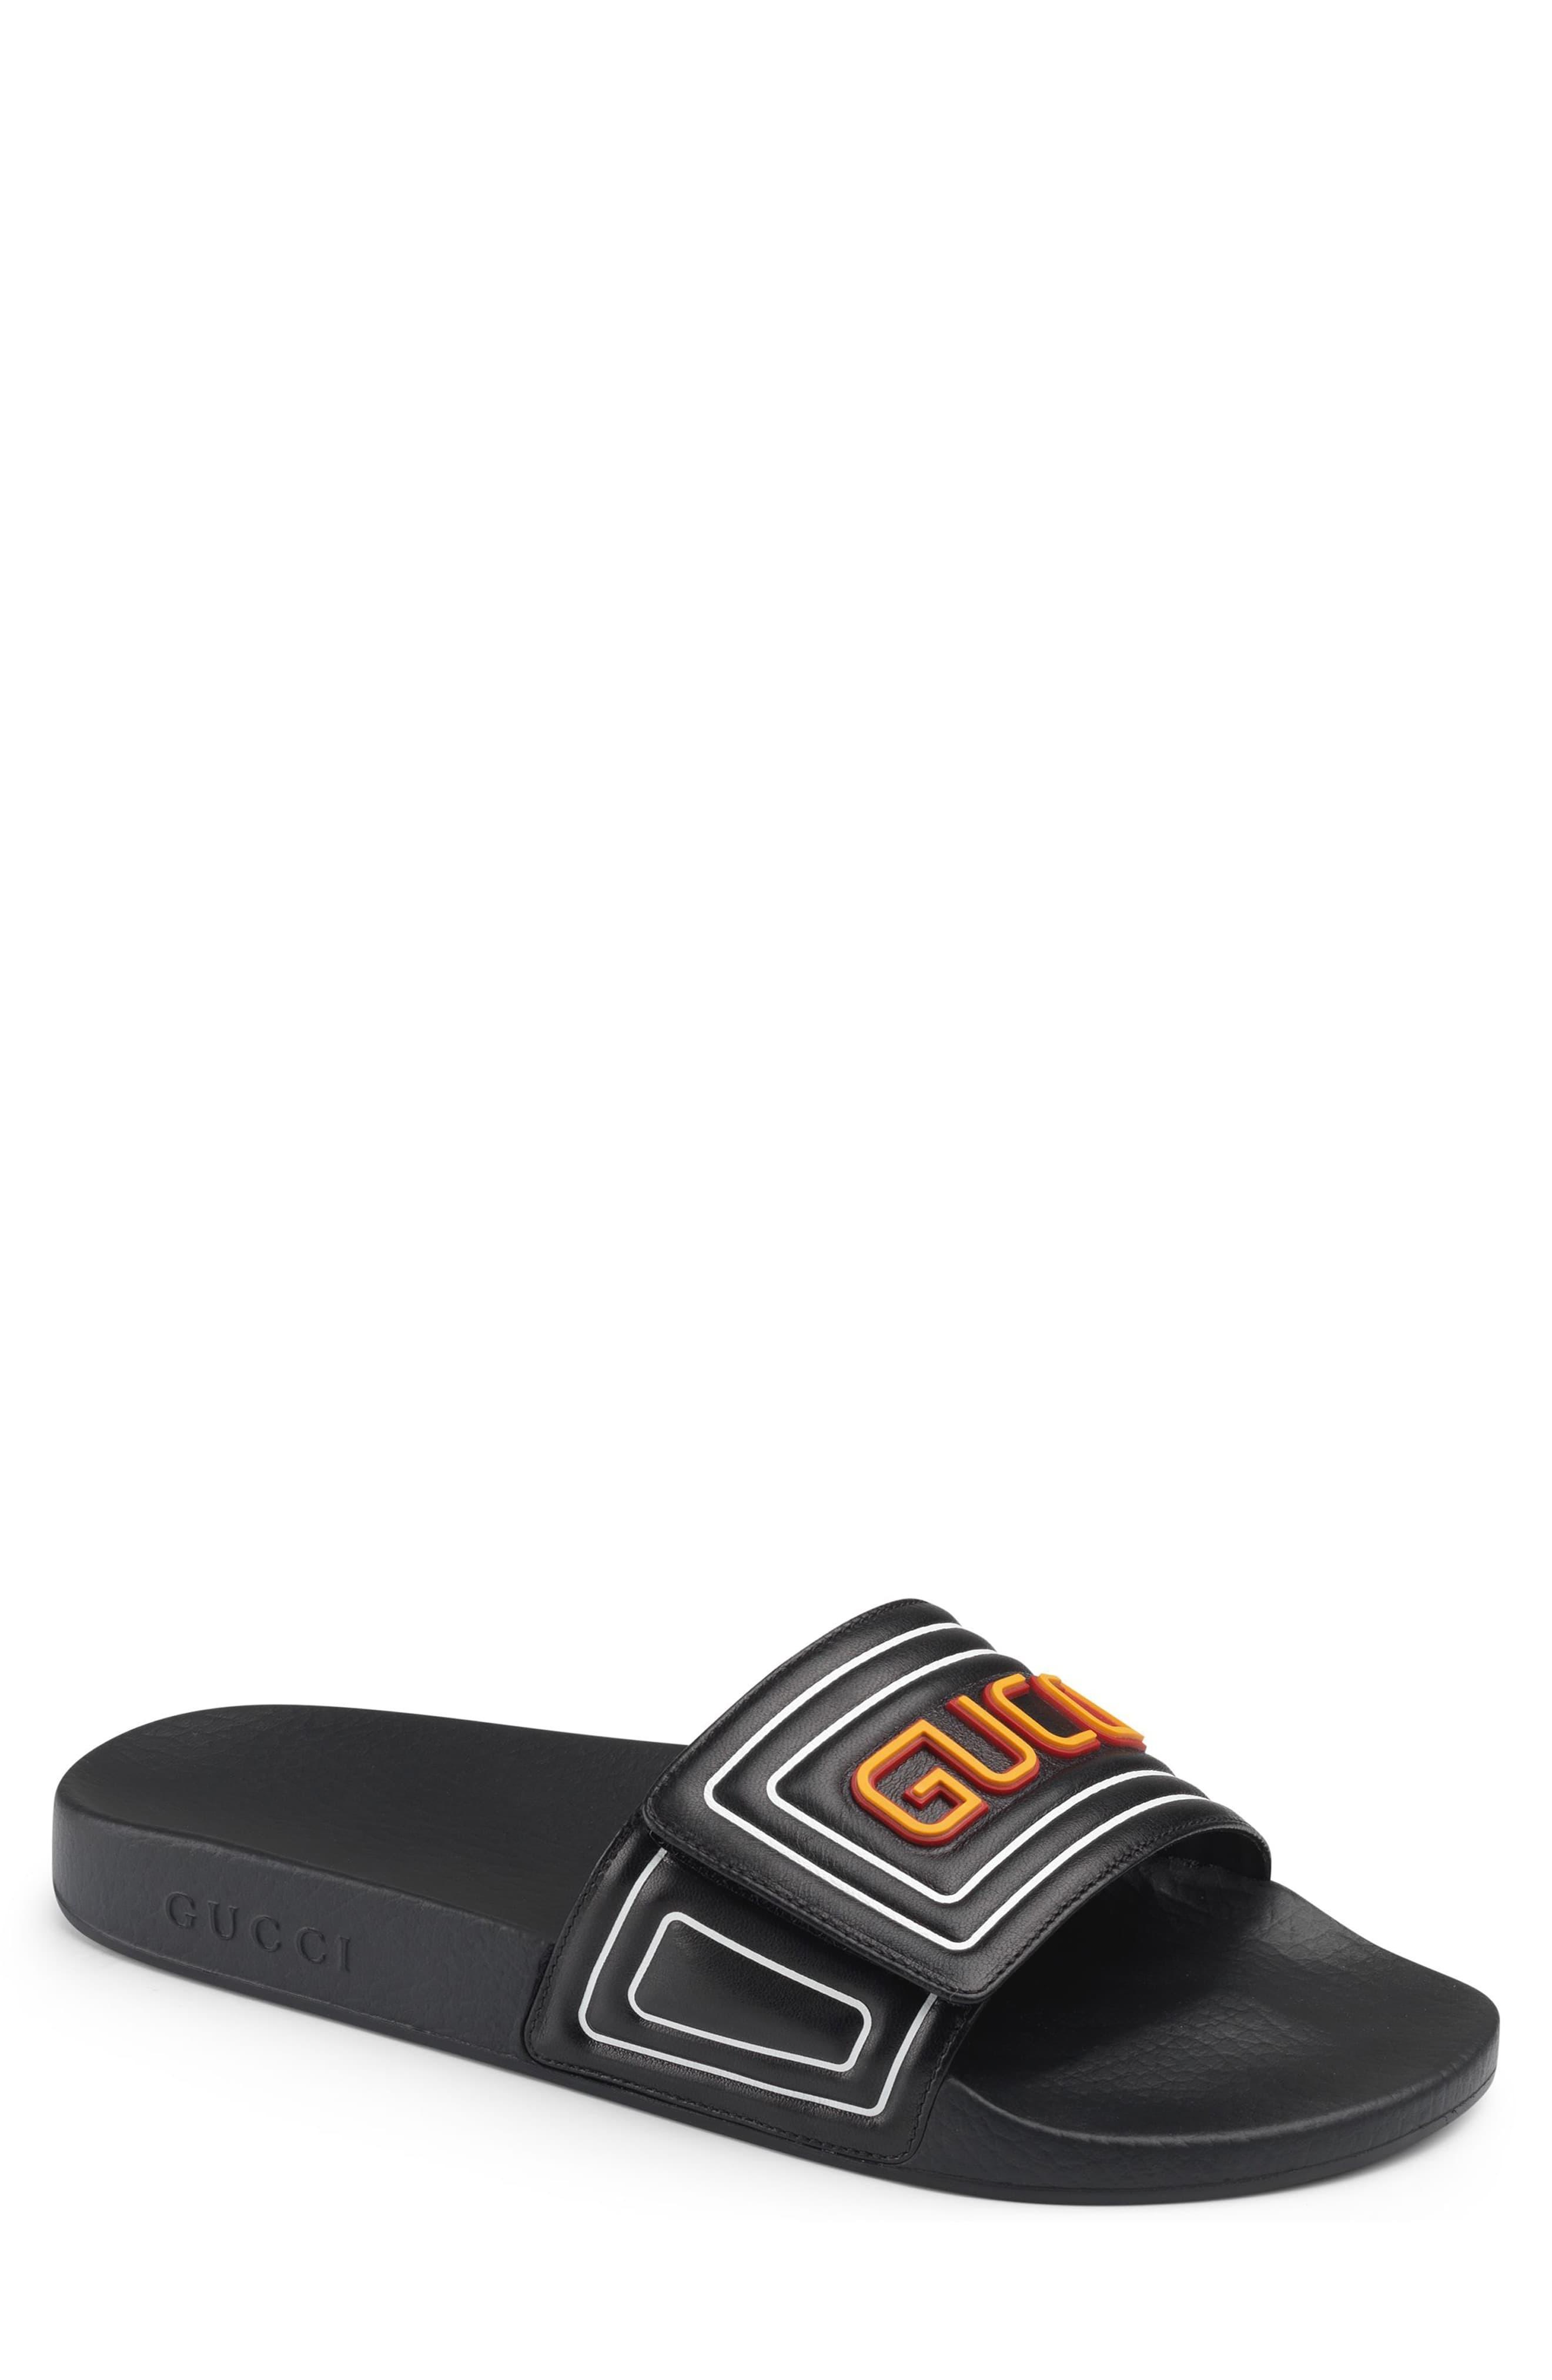 Gucci Pursuit Logo Slide Sandal, $590